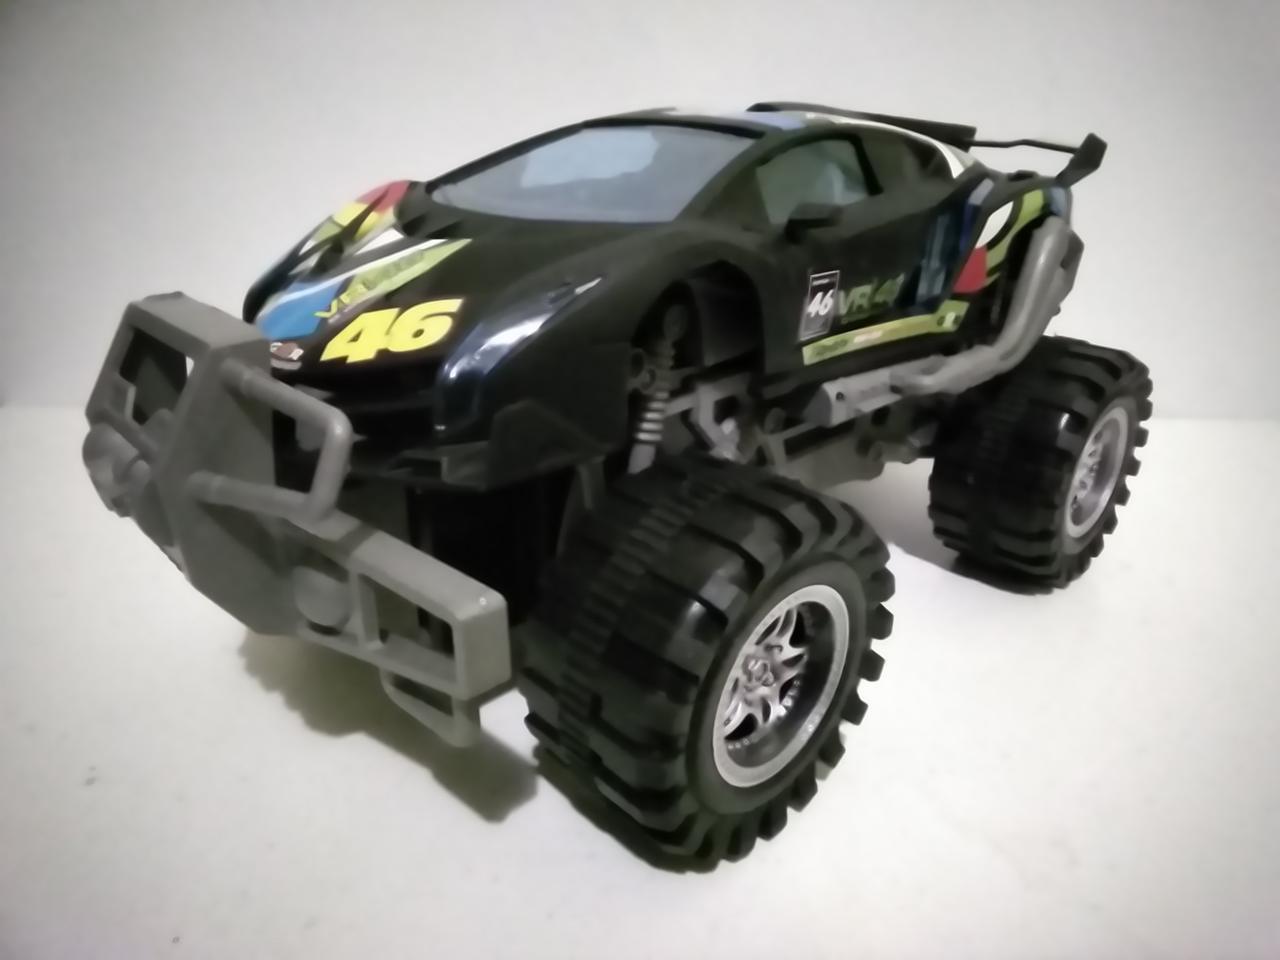 Детский игрушечный инерционный спортивный автомобиль.Игрушка для мальчиков.